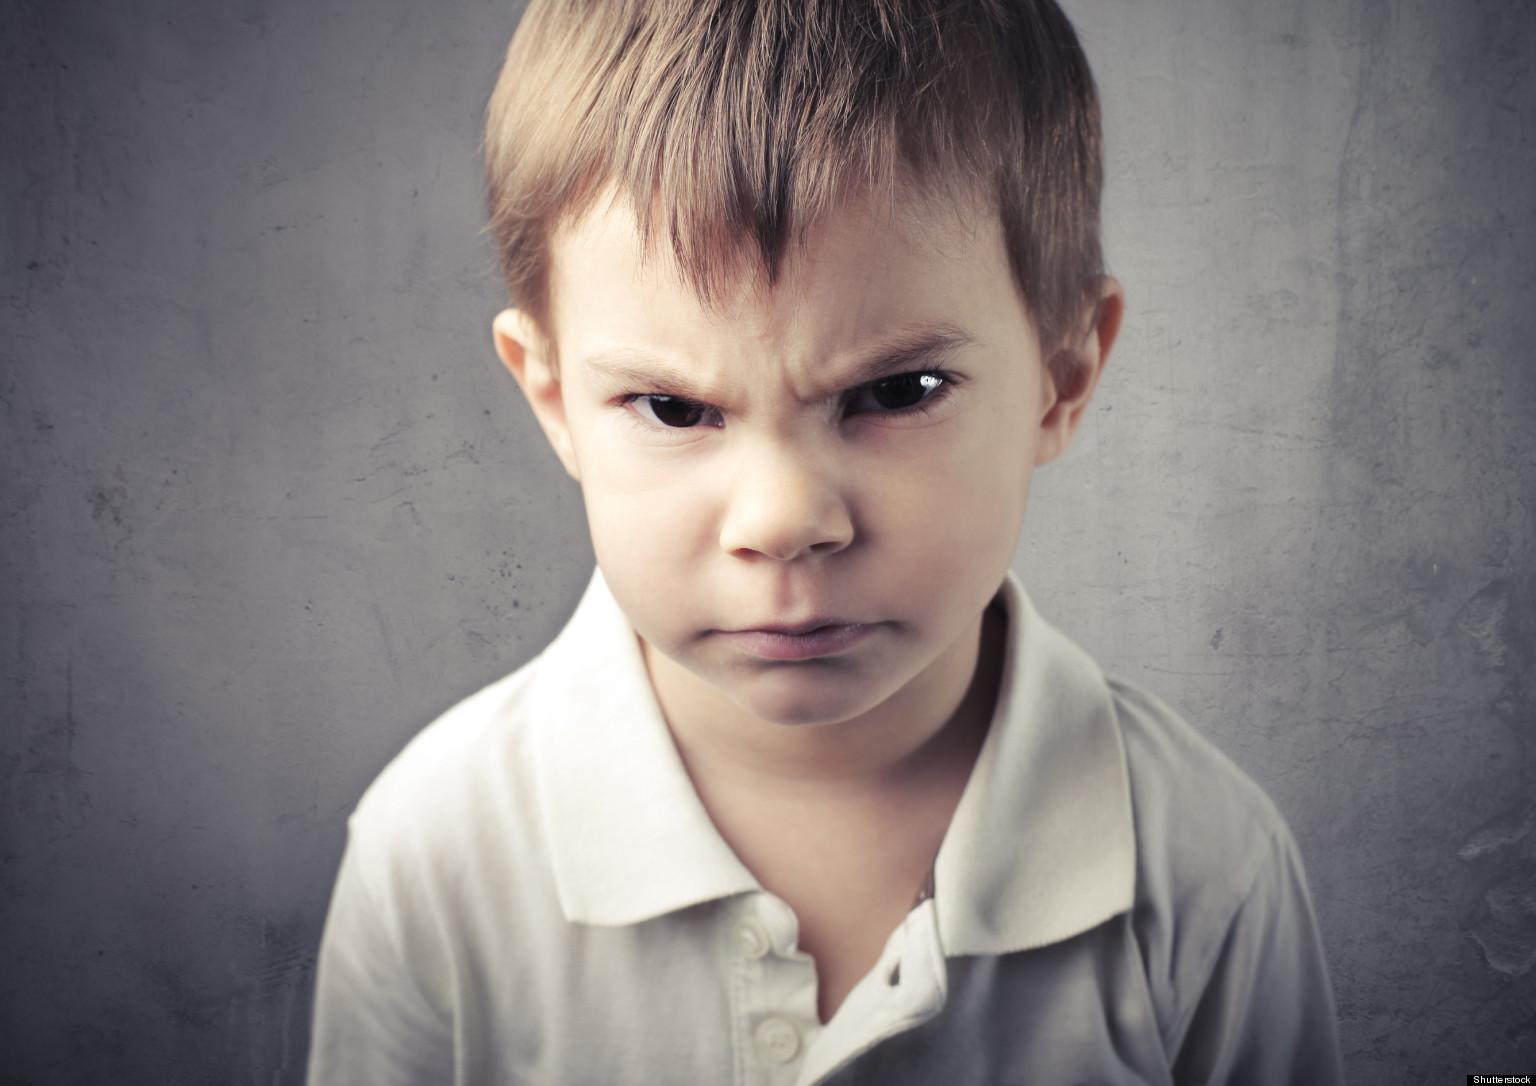 كيفية التعامل مع الطفل الغاضب